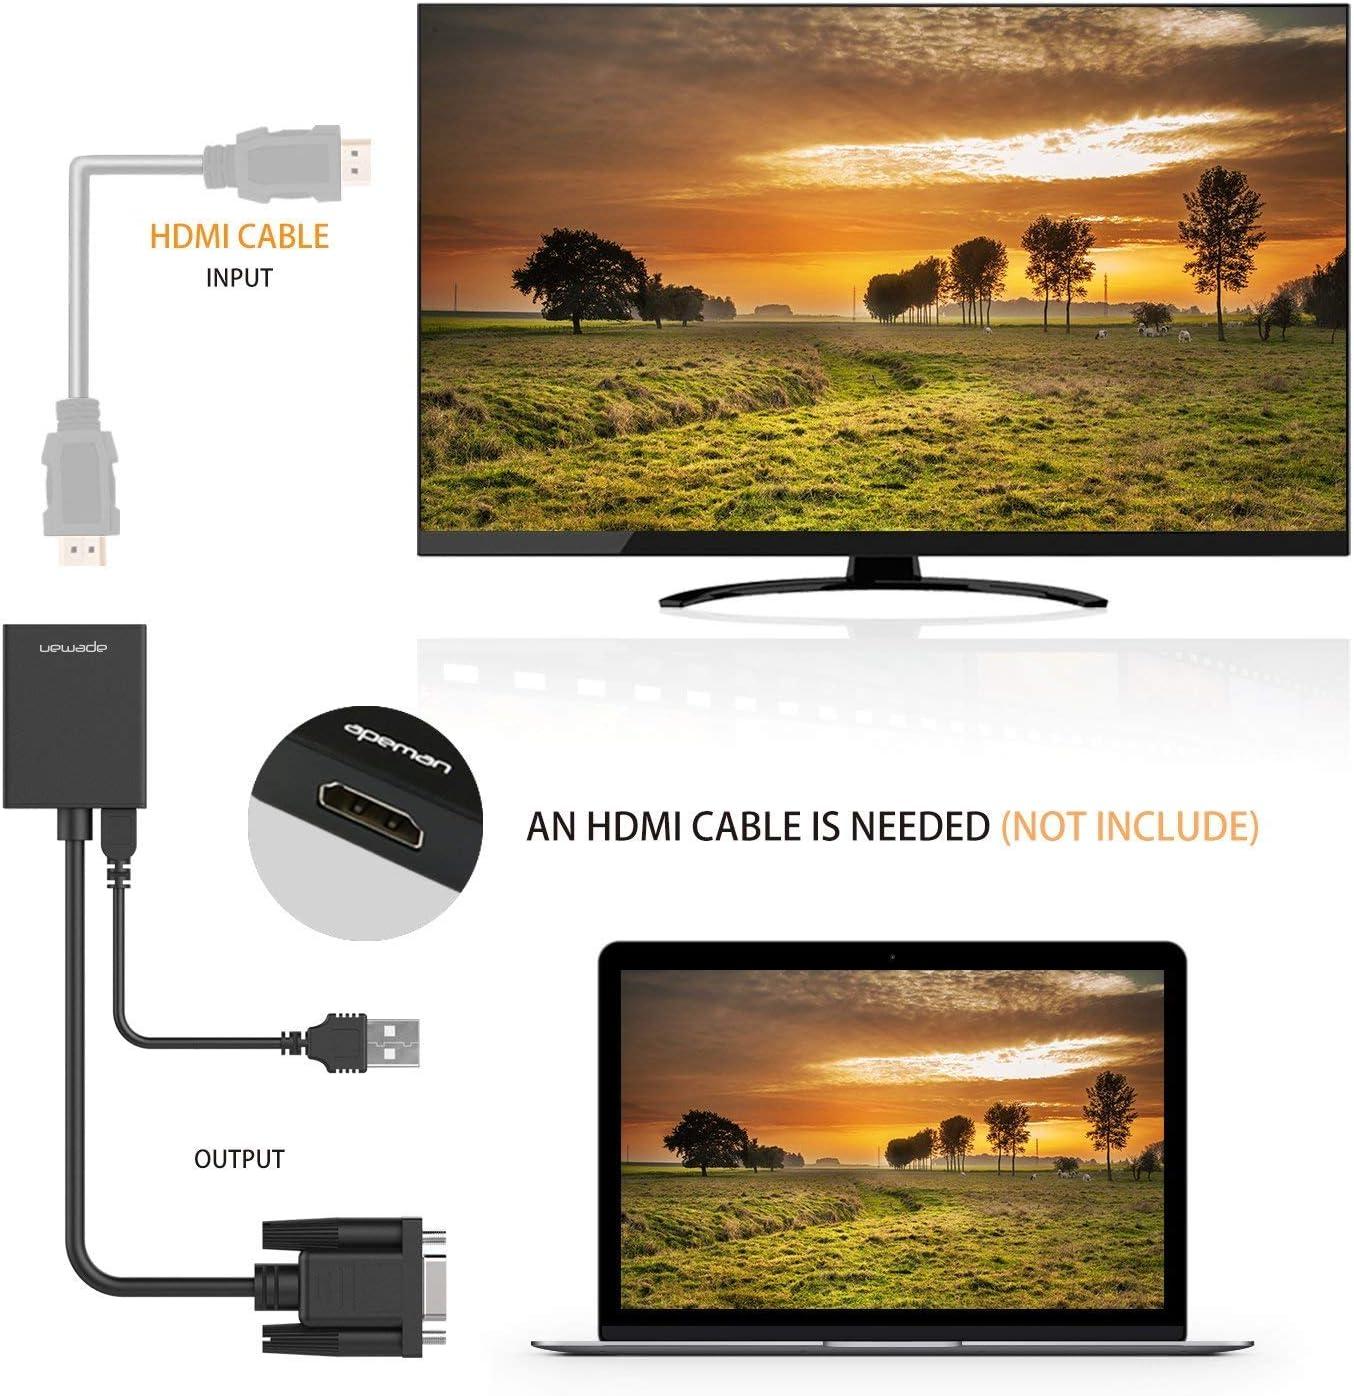 APEMAN Conversor de VGA a HDMI (1080P), Adaptador con Cable de Audio de 3,5 mm y de Corriente USB, Aplicado a HDTV, Monitor,PC, Ordenador, Proyector, DVD: Amazon.es: Electrónica